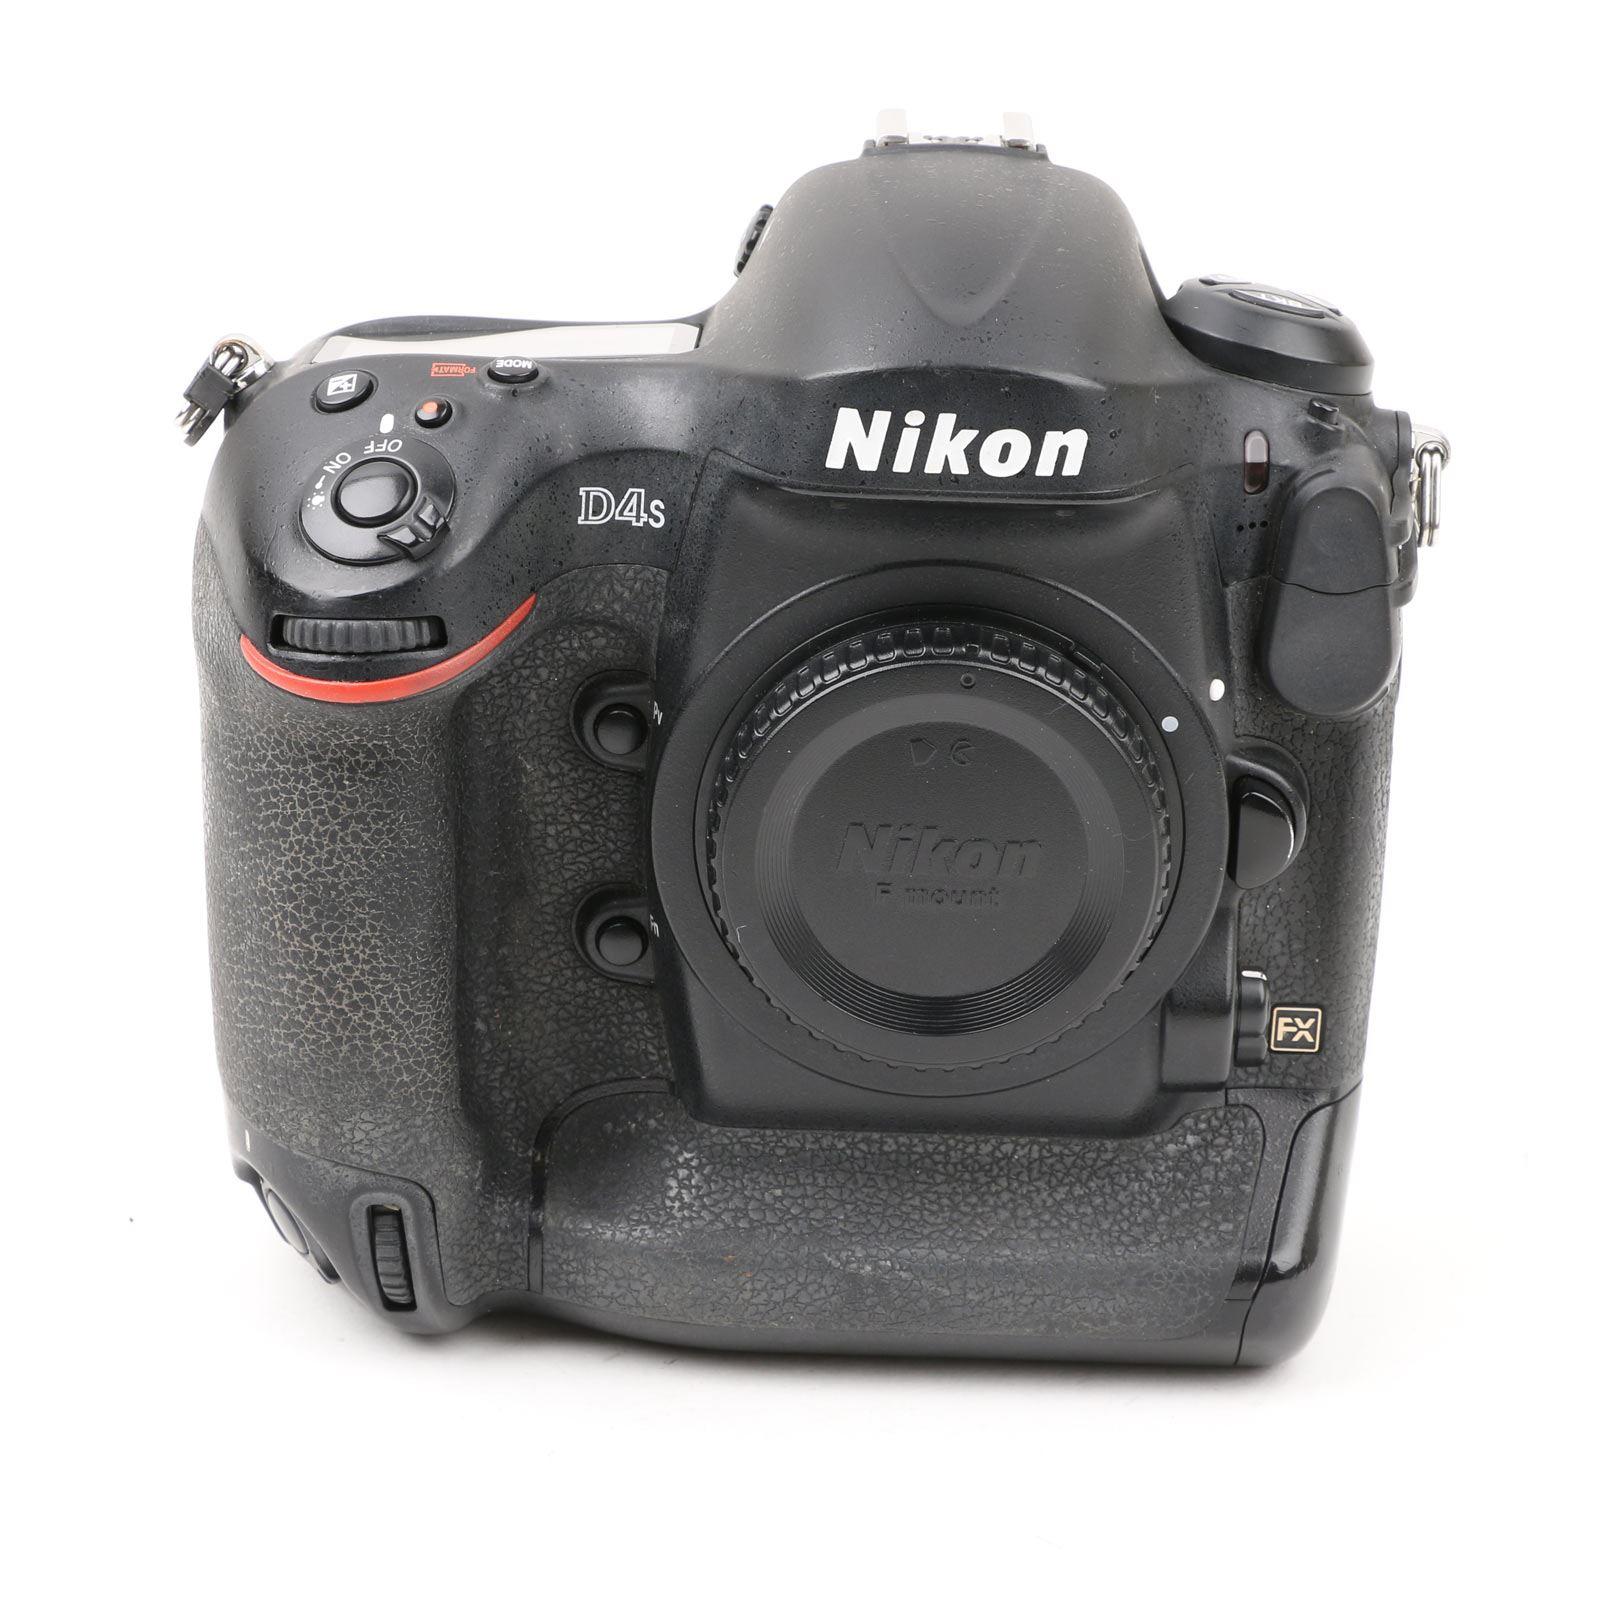 Image of Used Nikon D4s Digital SLR Camera Body